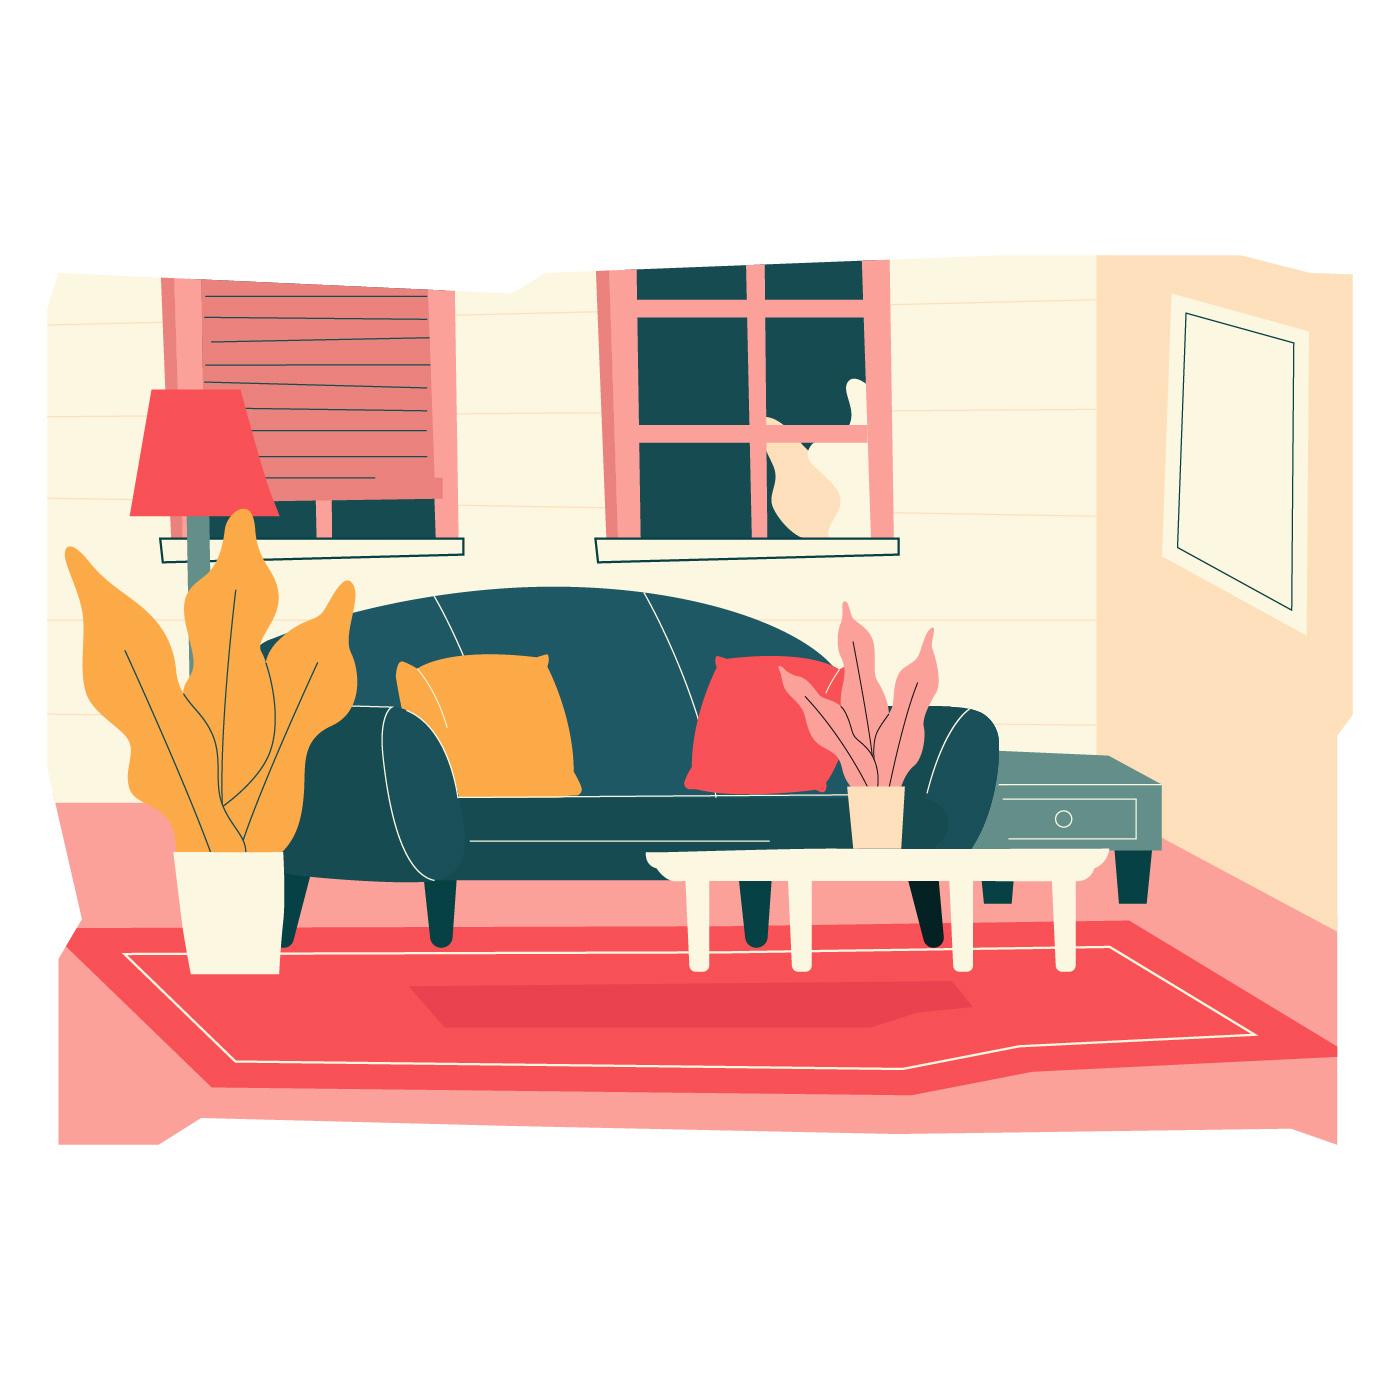 Cozy Living Room Vector Illustration